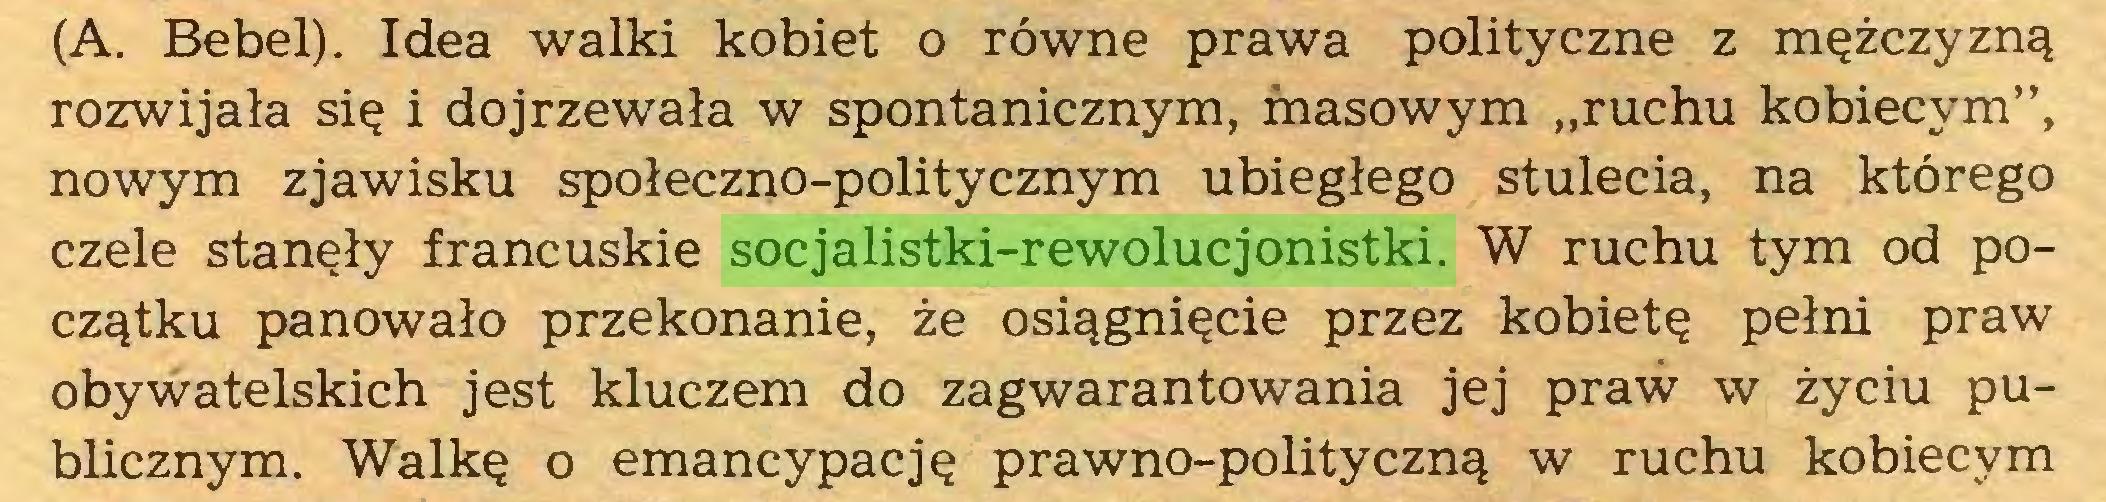 """(...) (A. Bebel). Idea walki kobiet o równe prawa polityczne z mężczyzną rozwijała się i dojrzewała w spontanicznym, masowym """"ruchu kobiecym"""", nowym zjawisku społeczno-politycznym ubiegłego stulecia, na którego czele stanęły francuskie socjalistki-rewolucjonistki. W ruchu tym od początku panowało przekonanie, że osiągnięcie przez kobietę pełni praw obywatelskich jest kluczem do zagwarantowania jej praw w życiu publicznym. Walkę o emancypację prawno-polityczną w ruchu kobiecym..."""